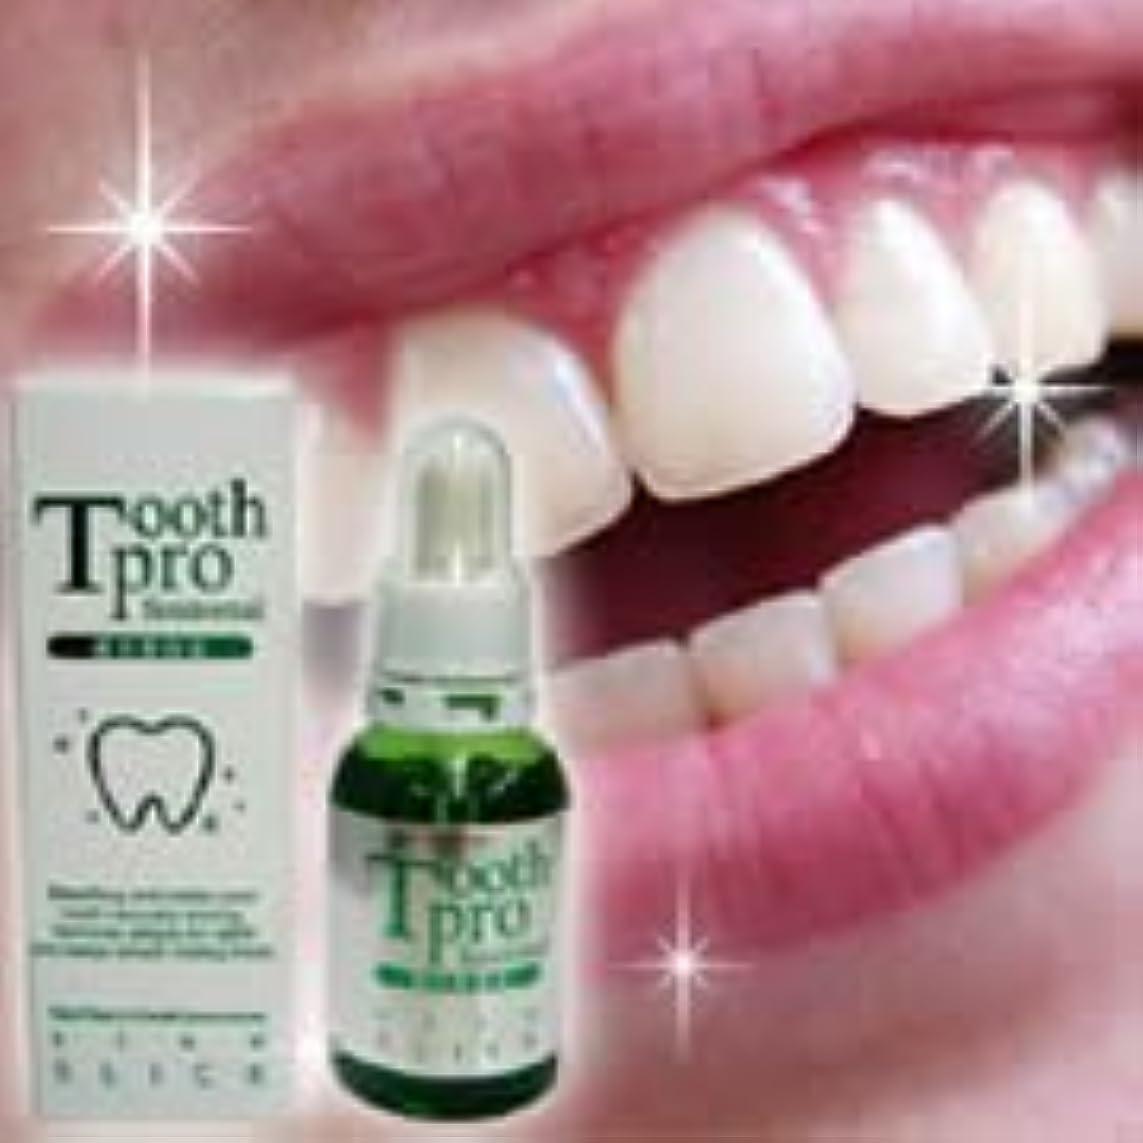 ライセンス正午グリーンランドトゥース プロフェッショナル 20ml ×2個セット (tooth professional)